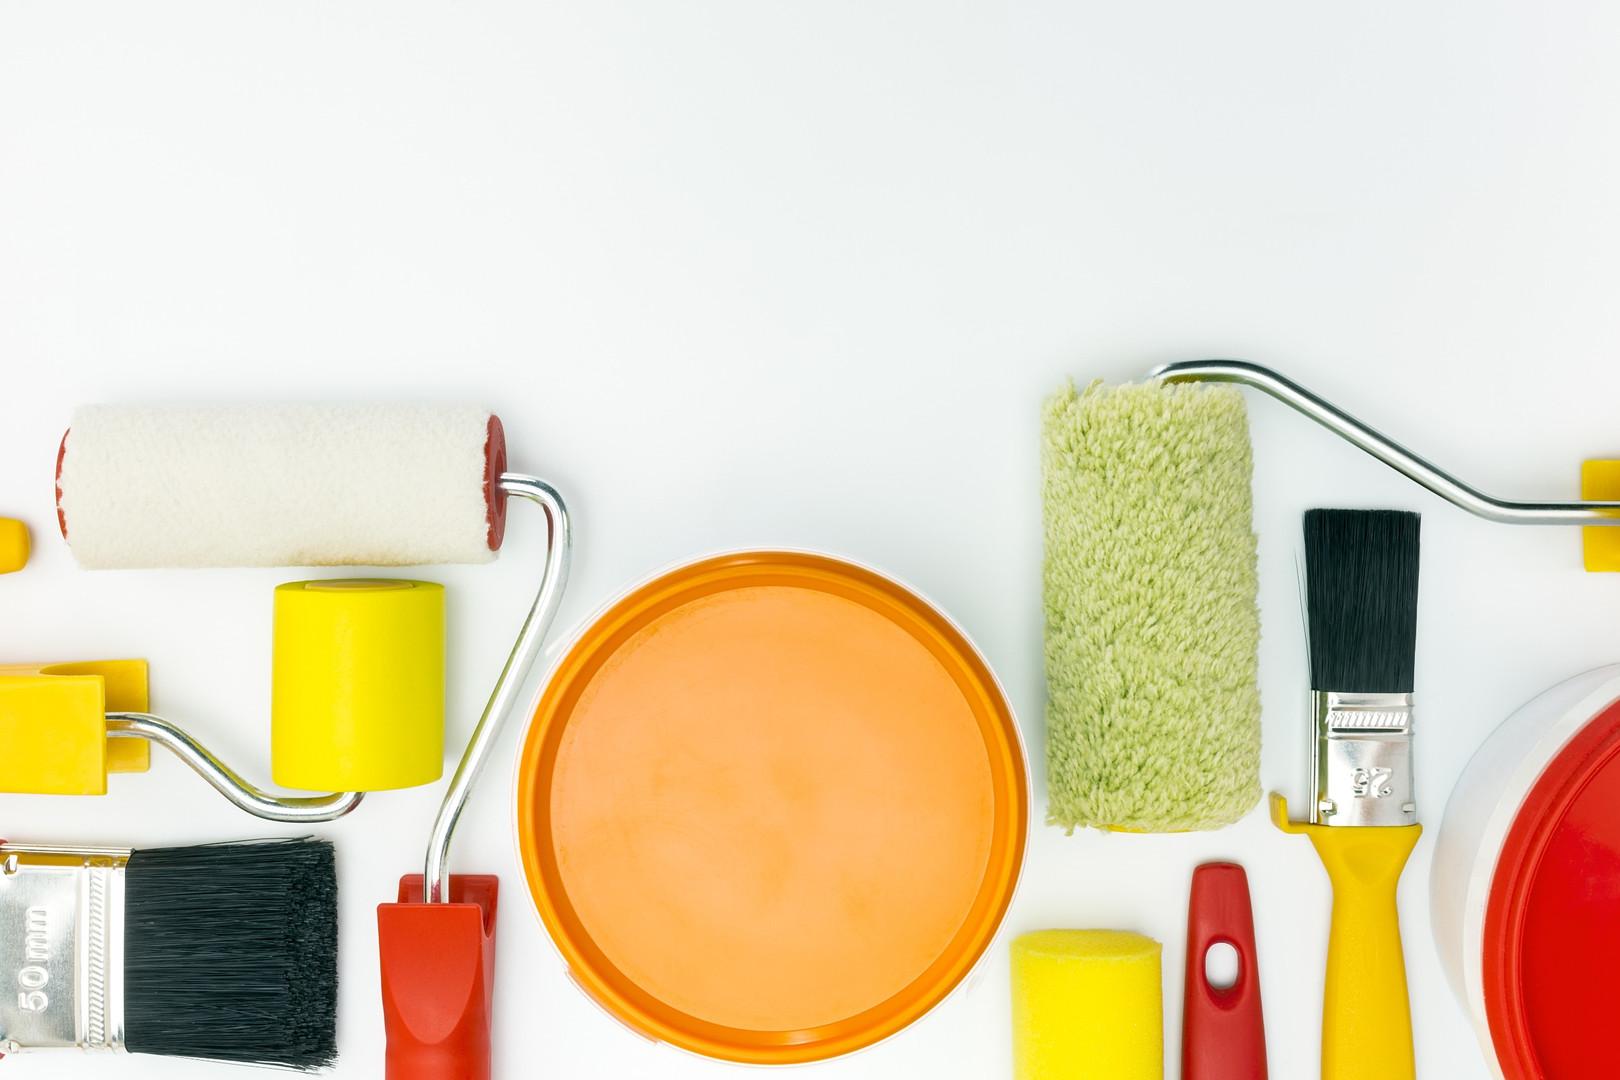 House Painting Tools_edited.jpg